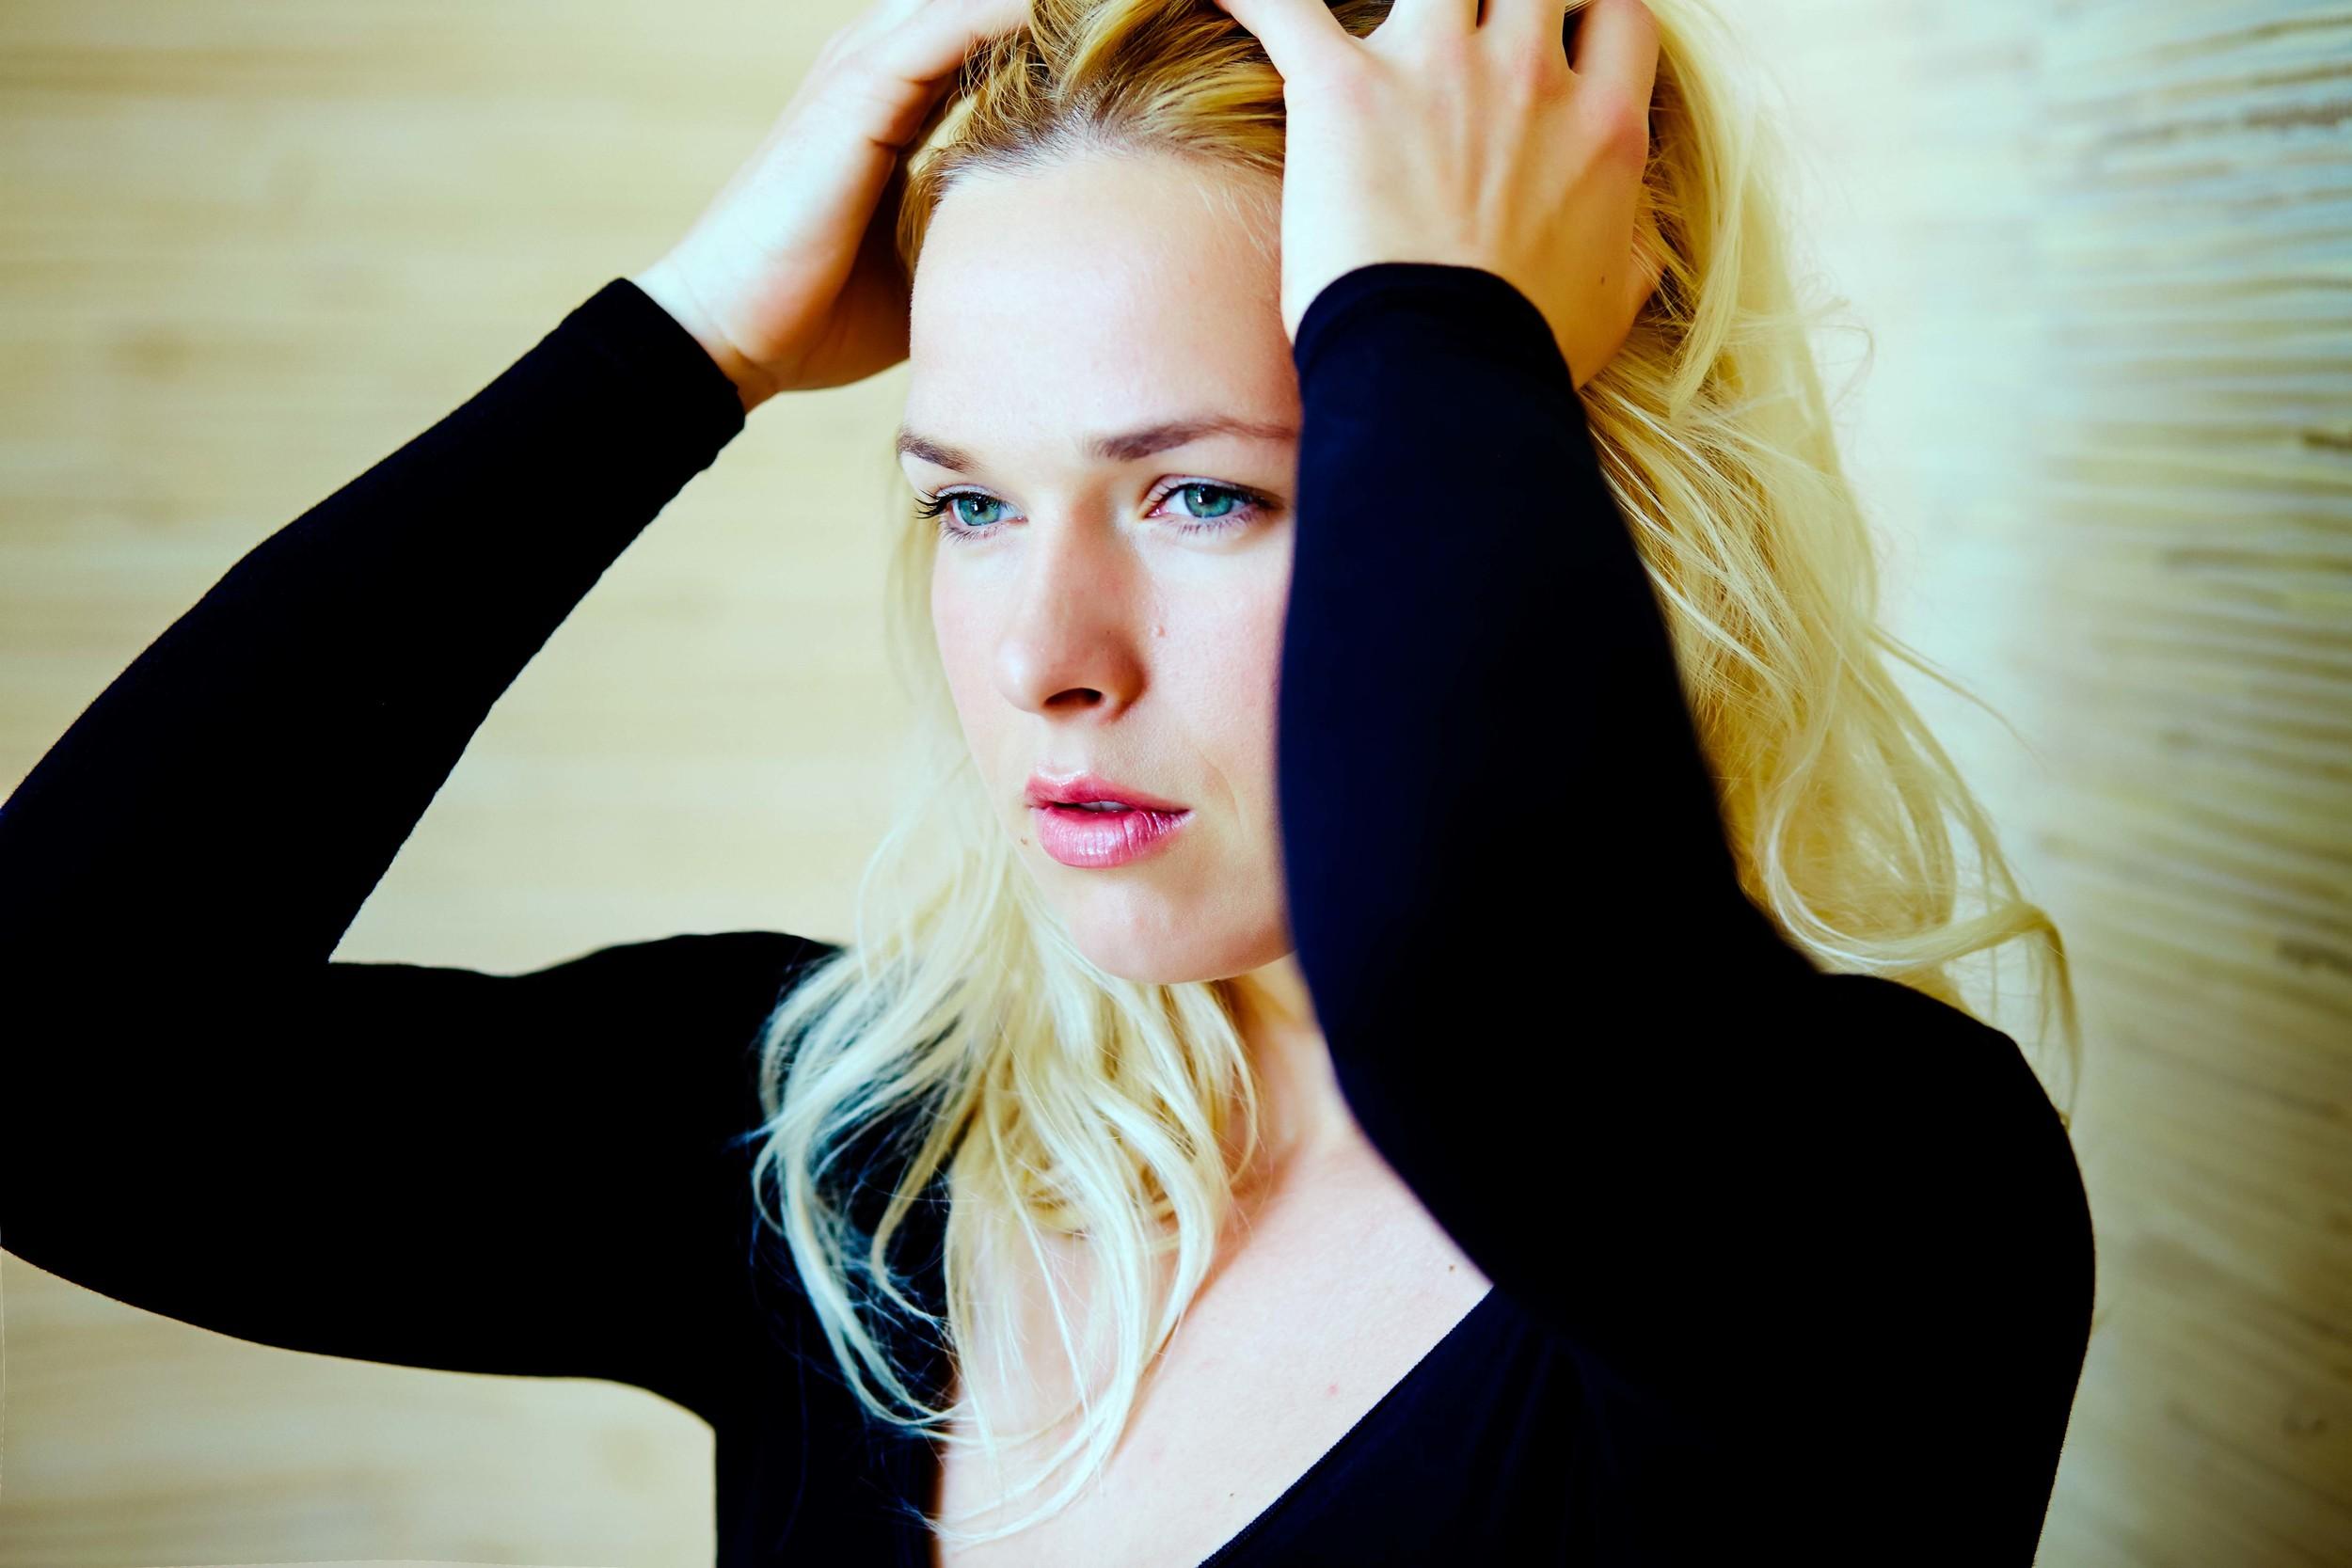 Kerstin John: Actress, Model